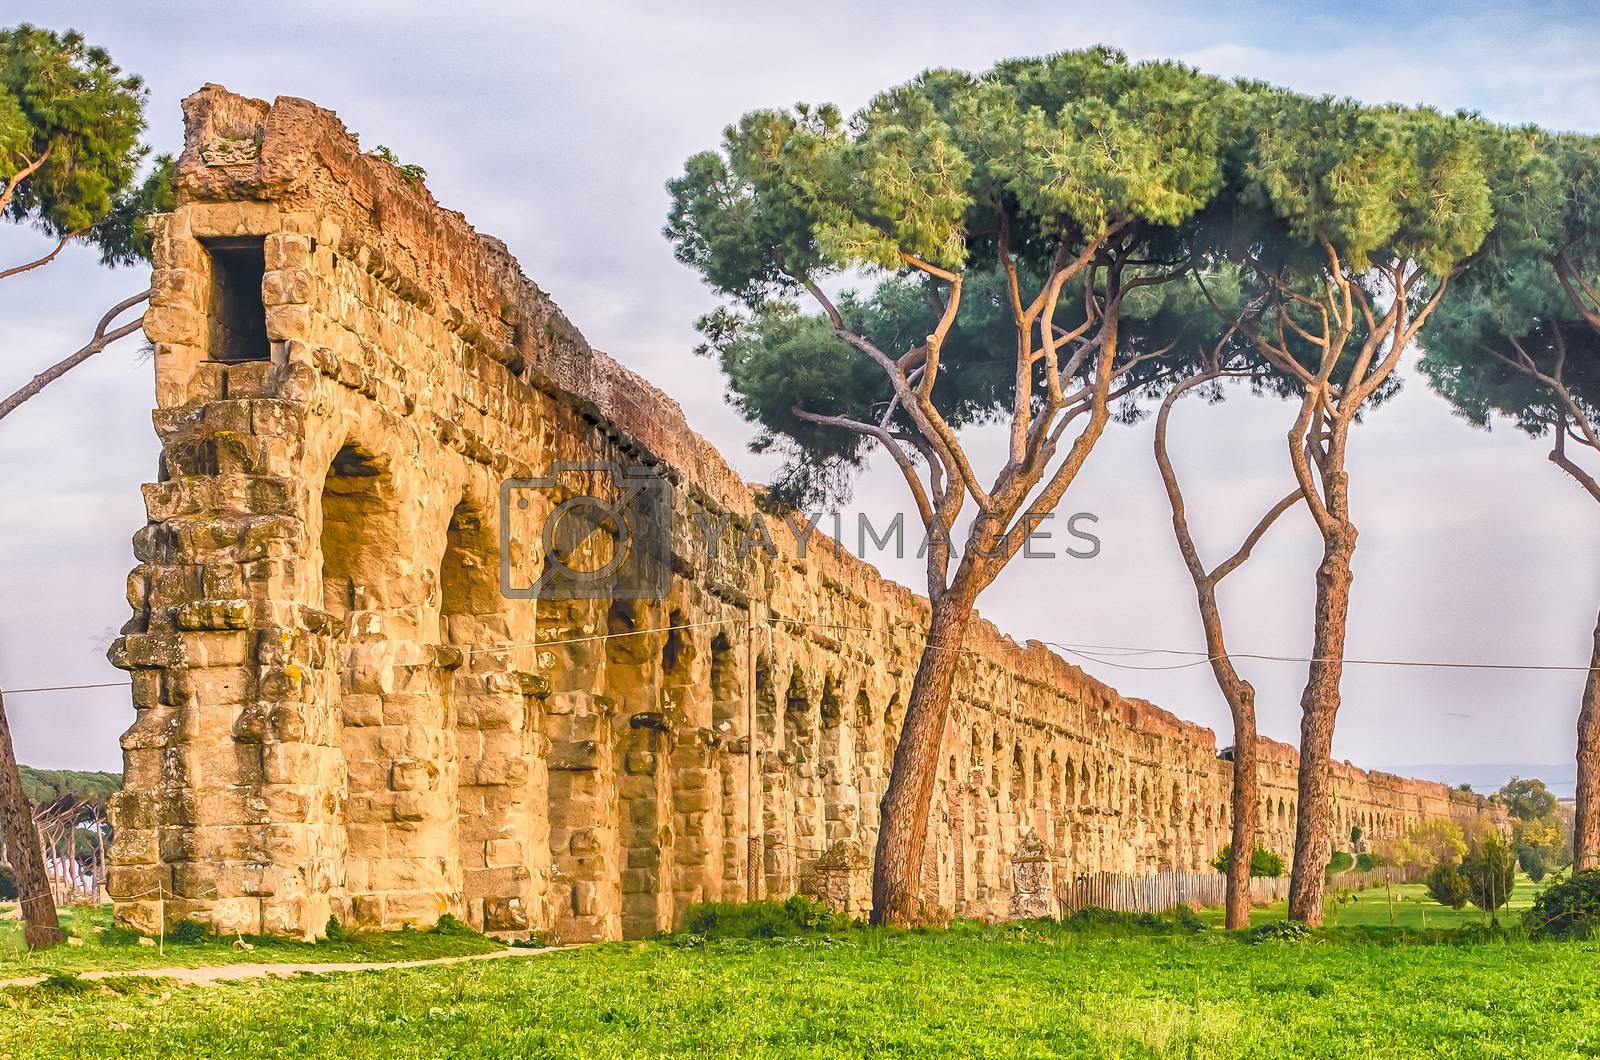 Ruins of the Parco degli Acquedotti, Rome, Italy by Marco Rubino